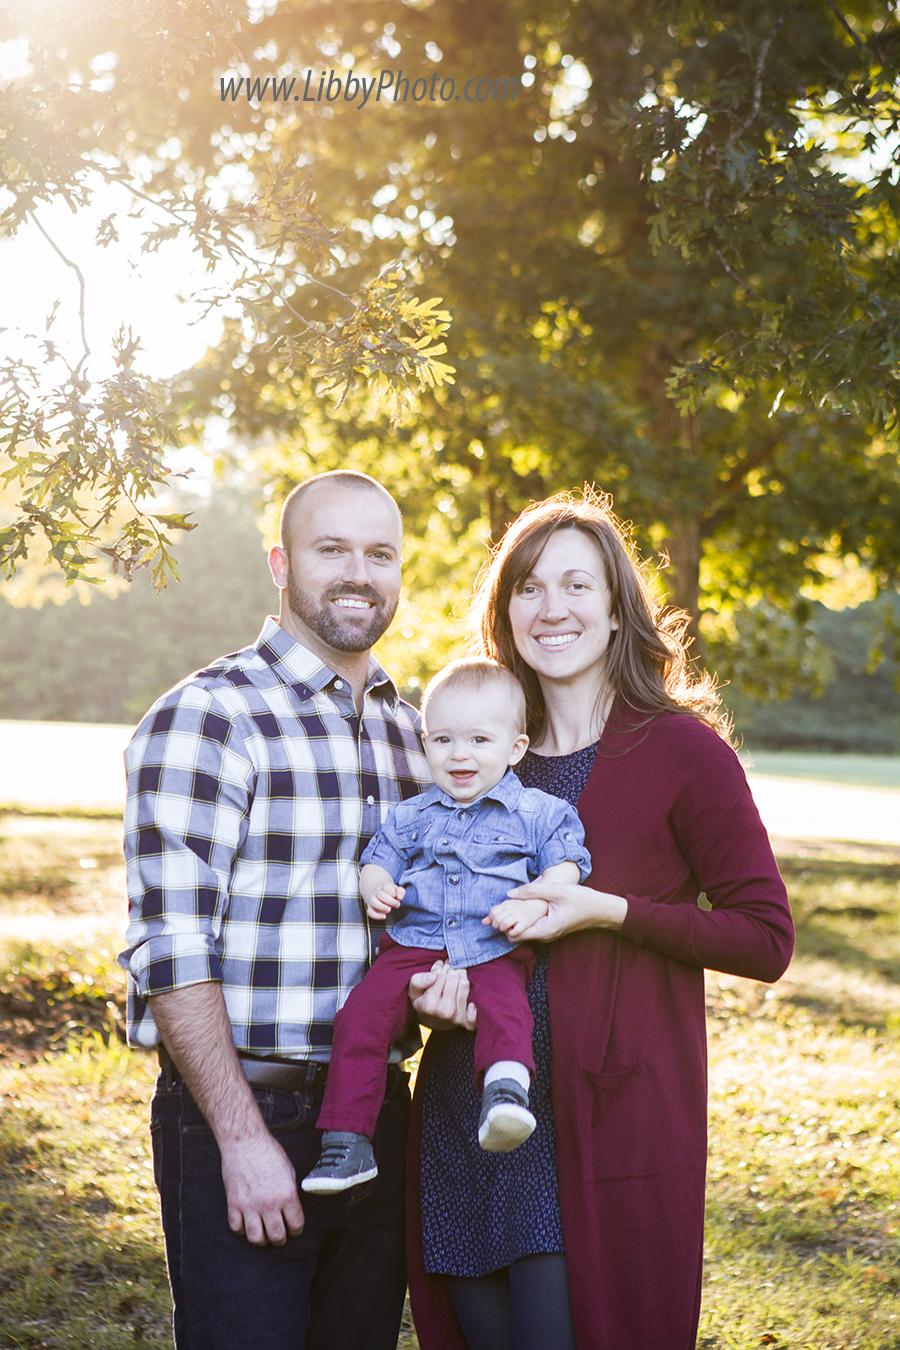 Atlanta family photography Libbyphoto 10 (9).jpg